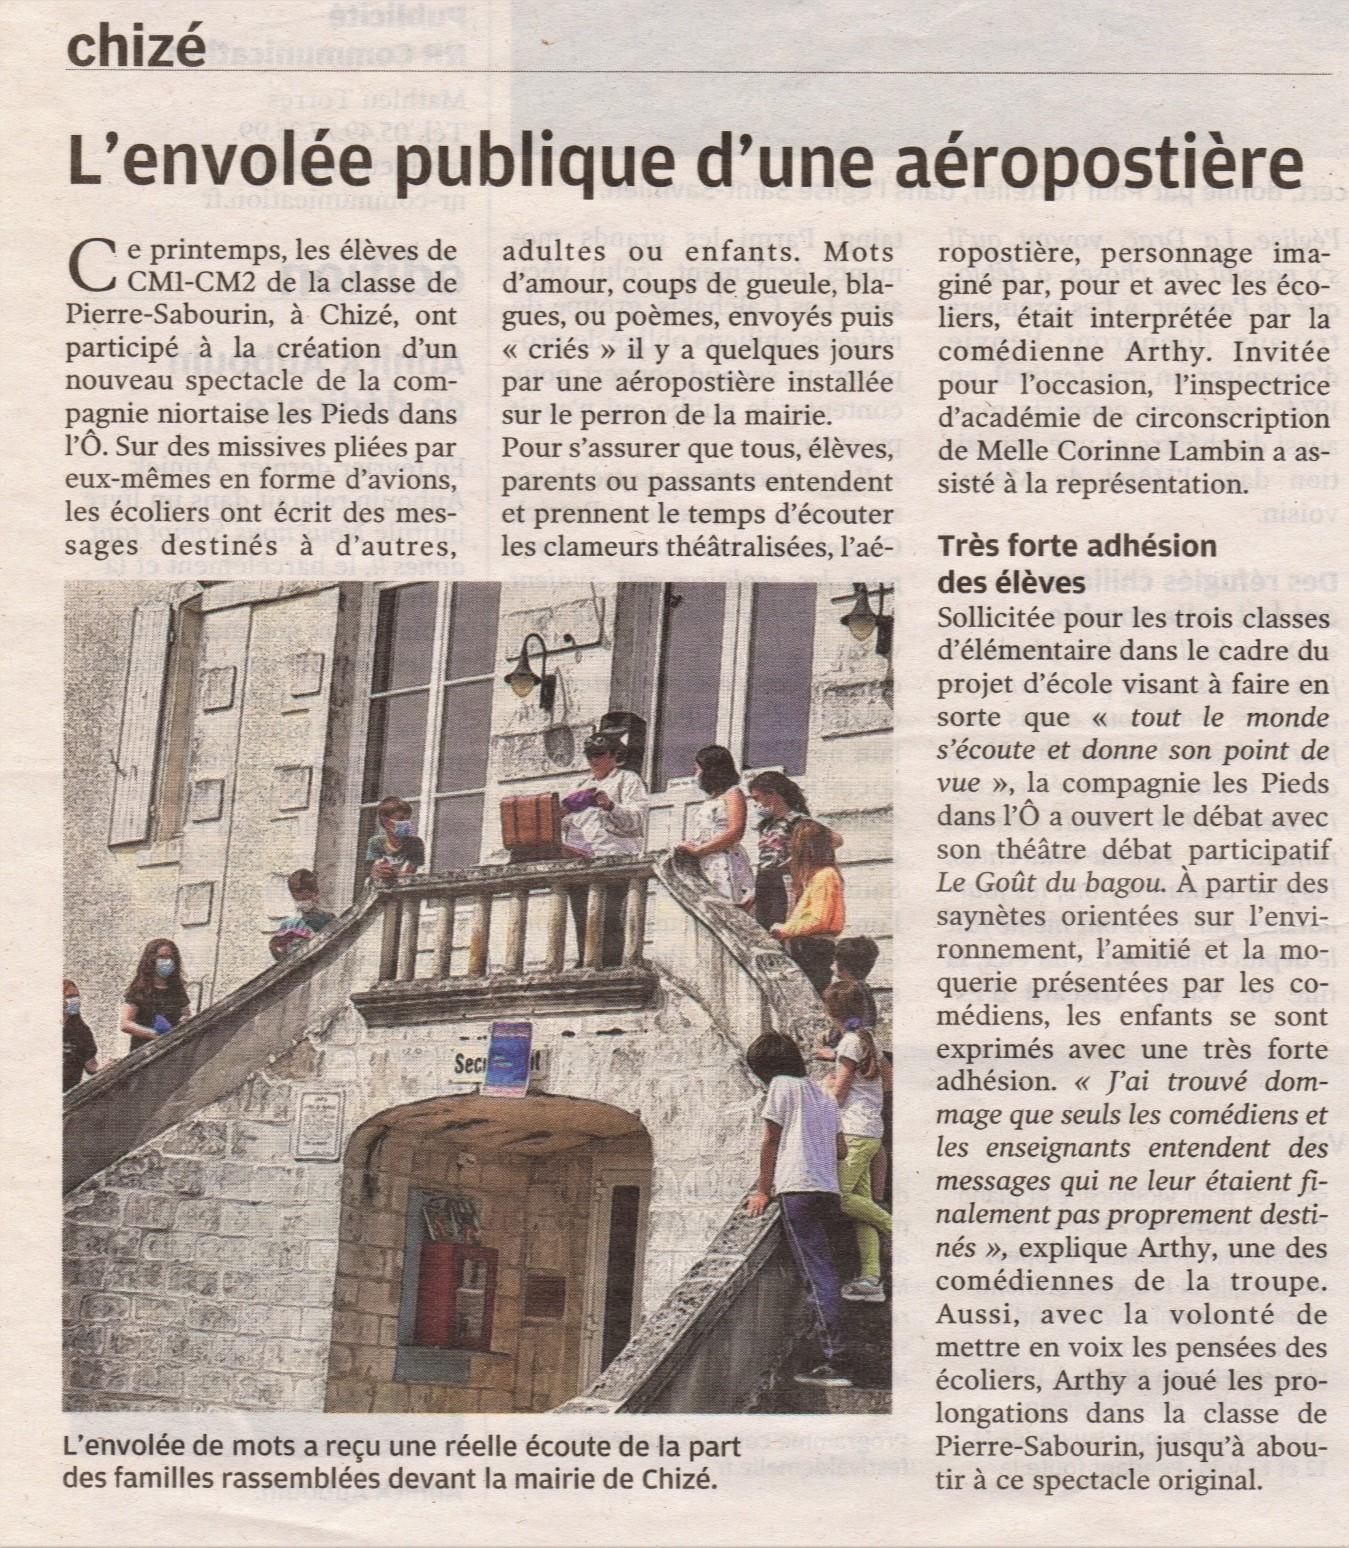 Article de presse du 4 juin 2021, l'AérÔ-Postière